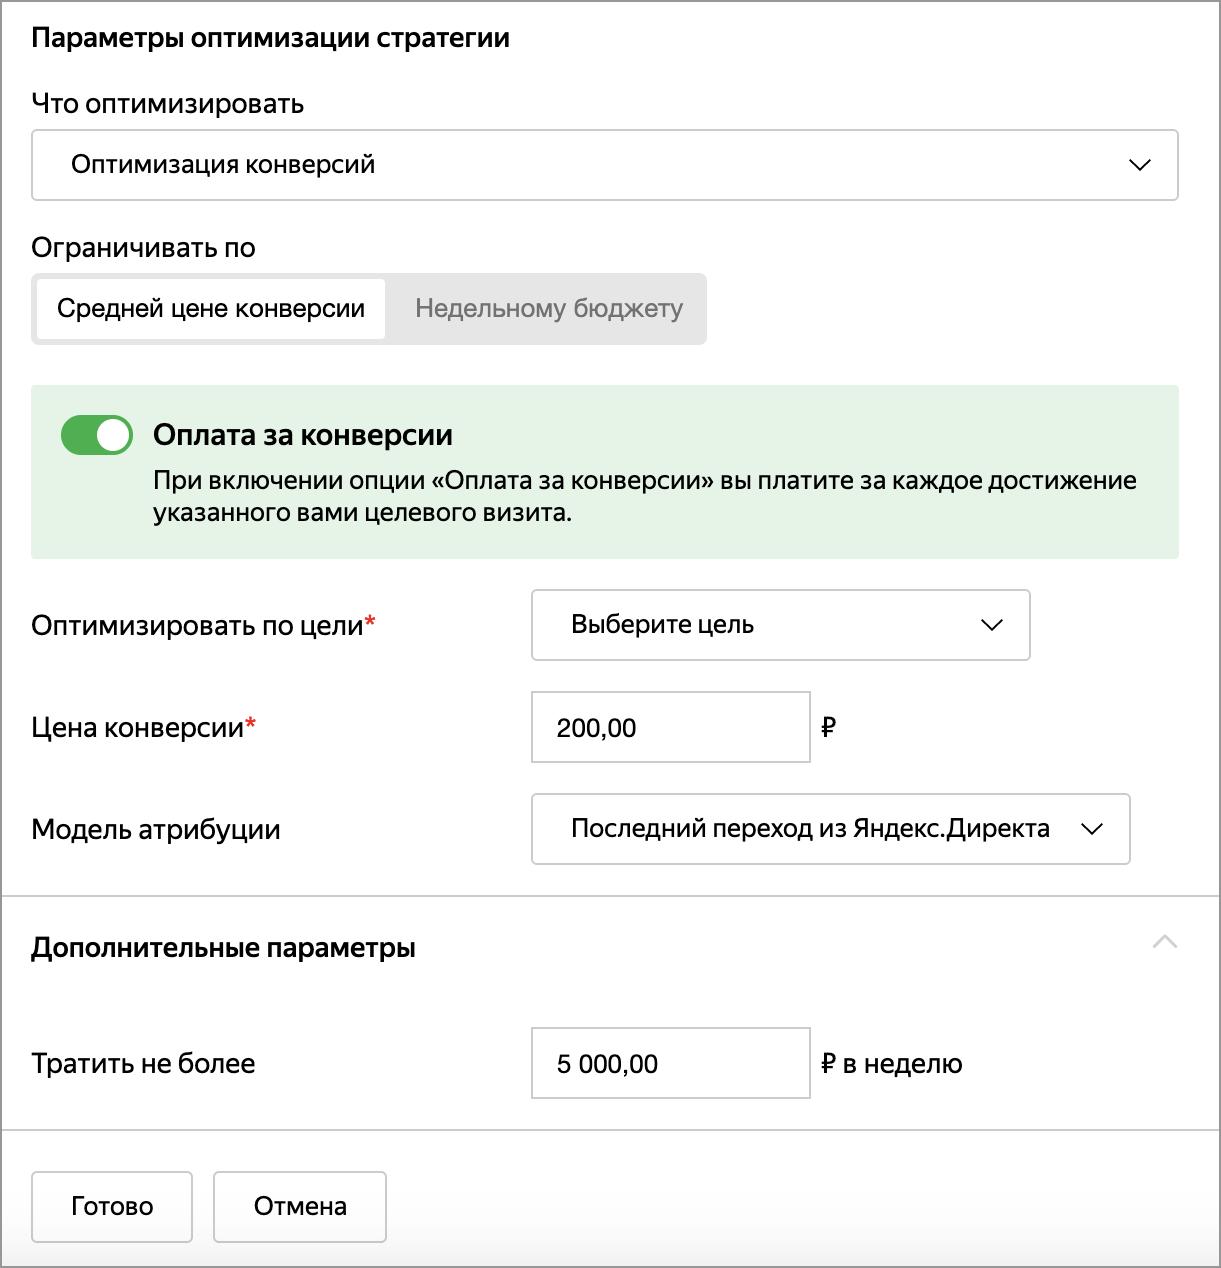 Оплата за конверсии в Яндекс.Директе